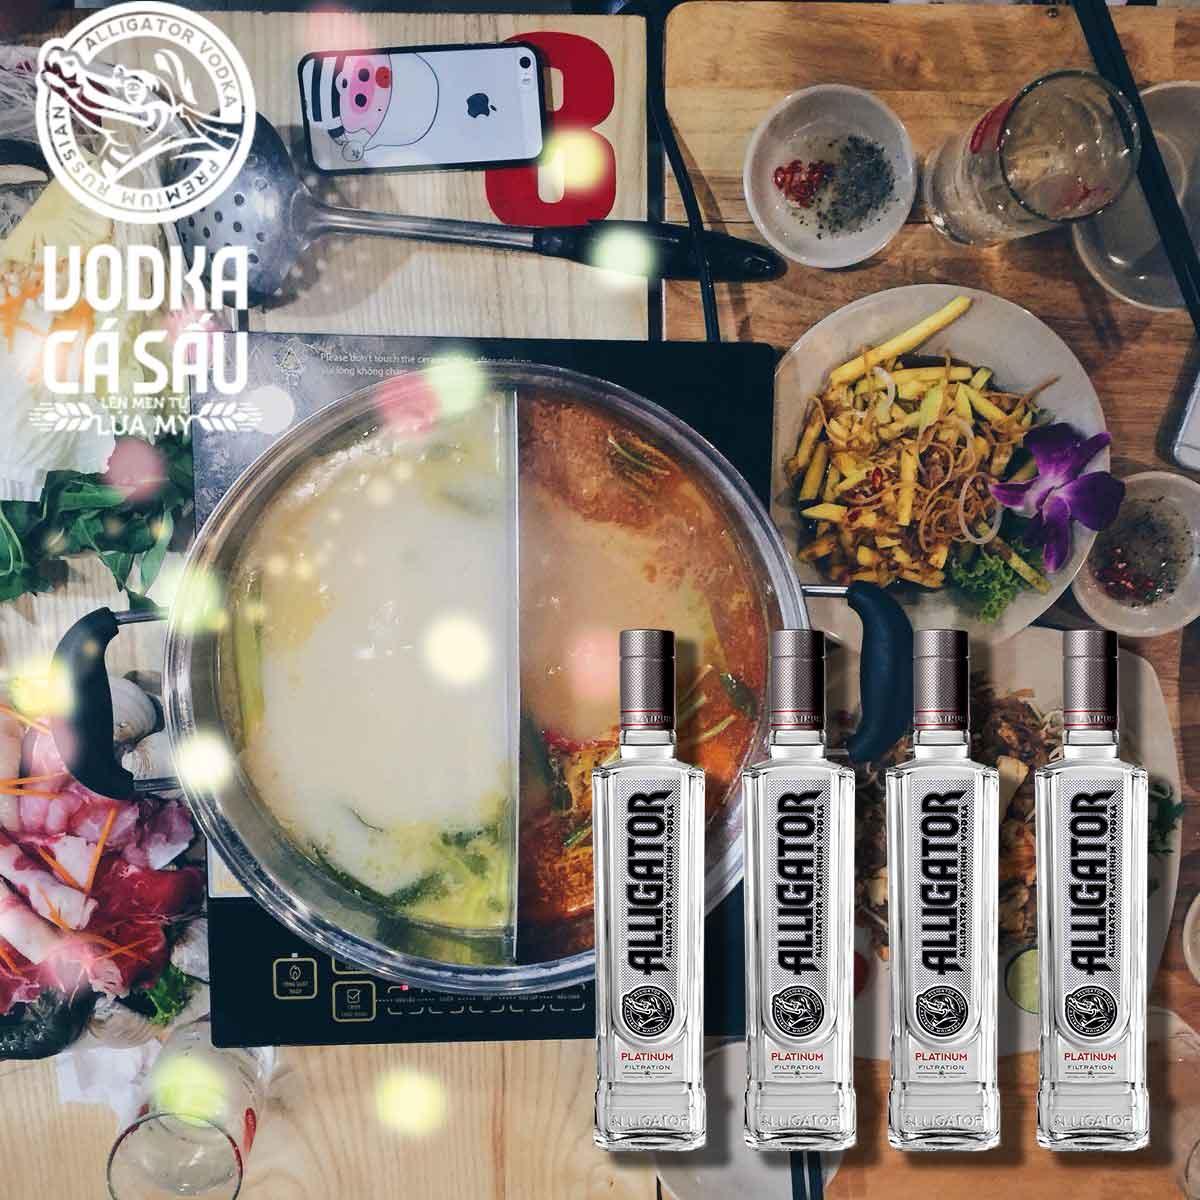 Món ăn phù hợp rượu Vodka Cá Sấu